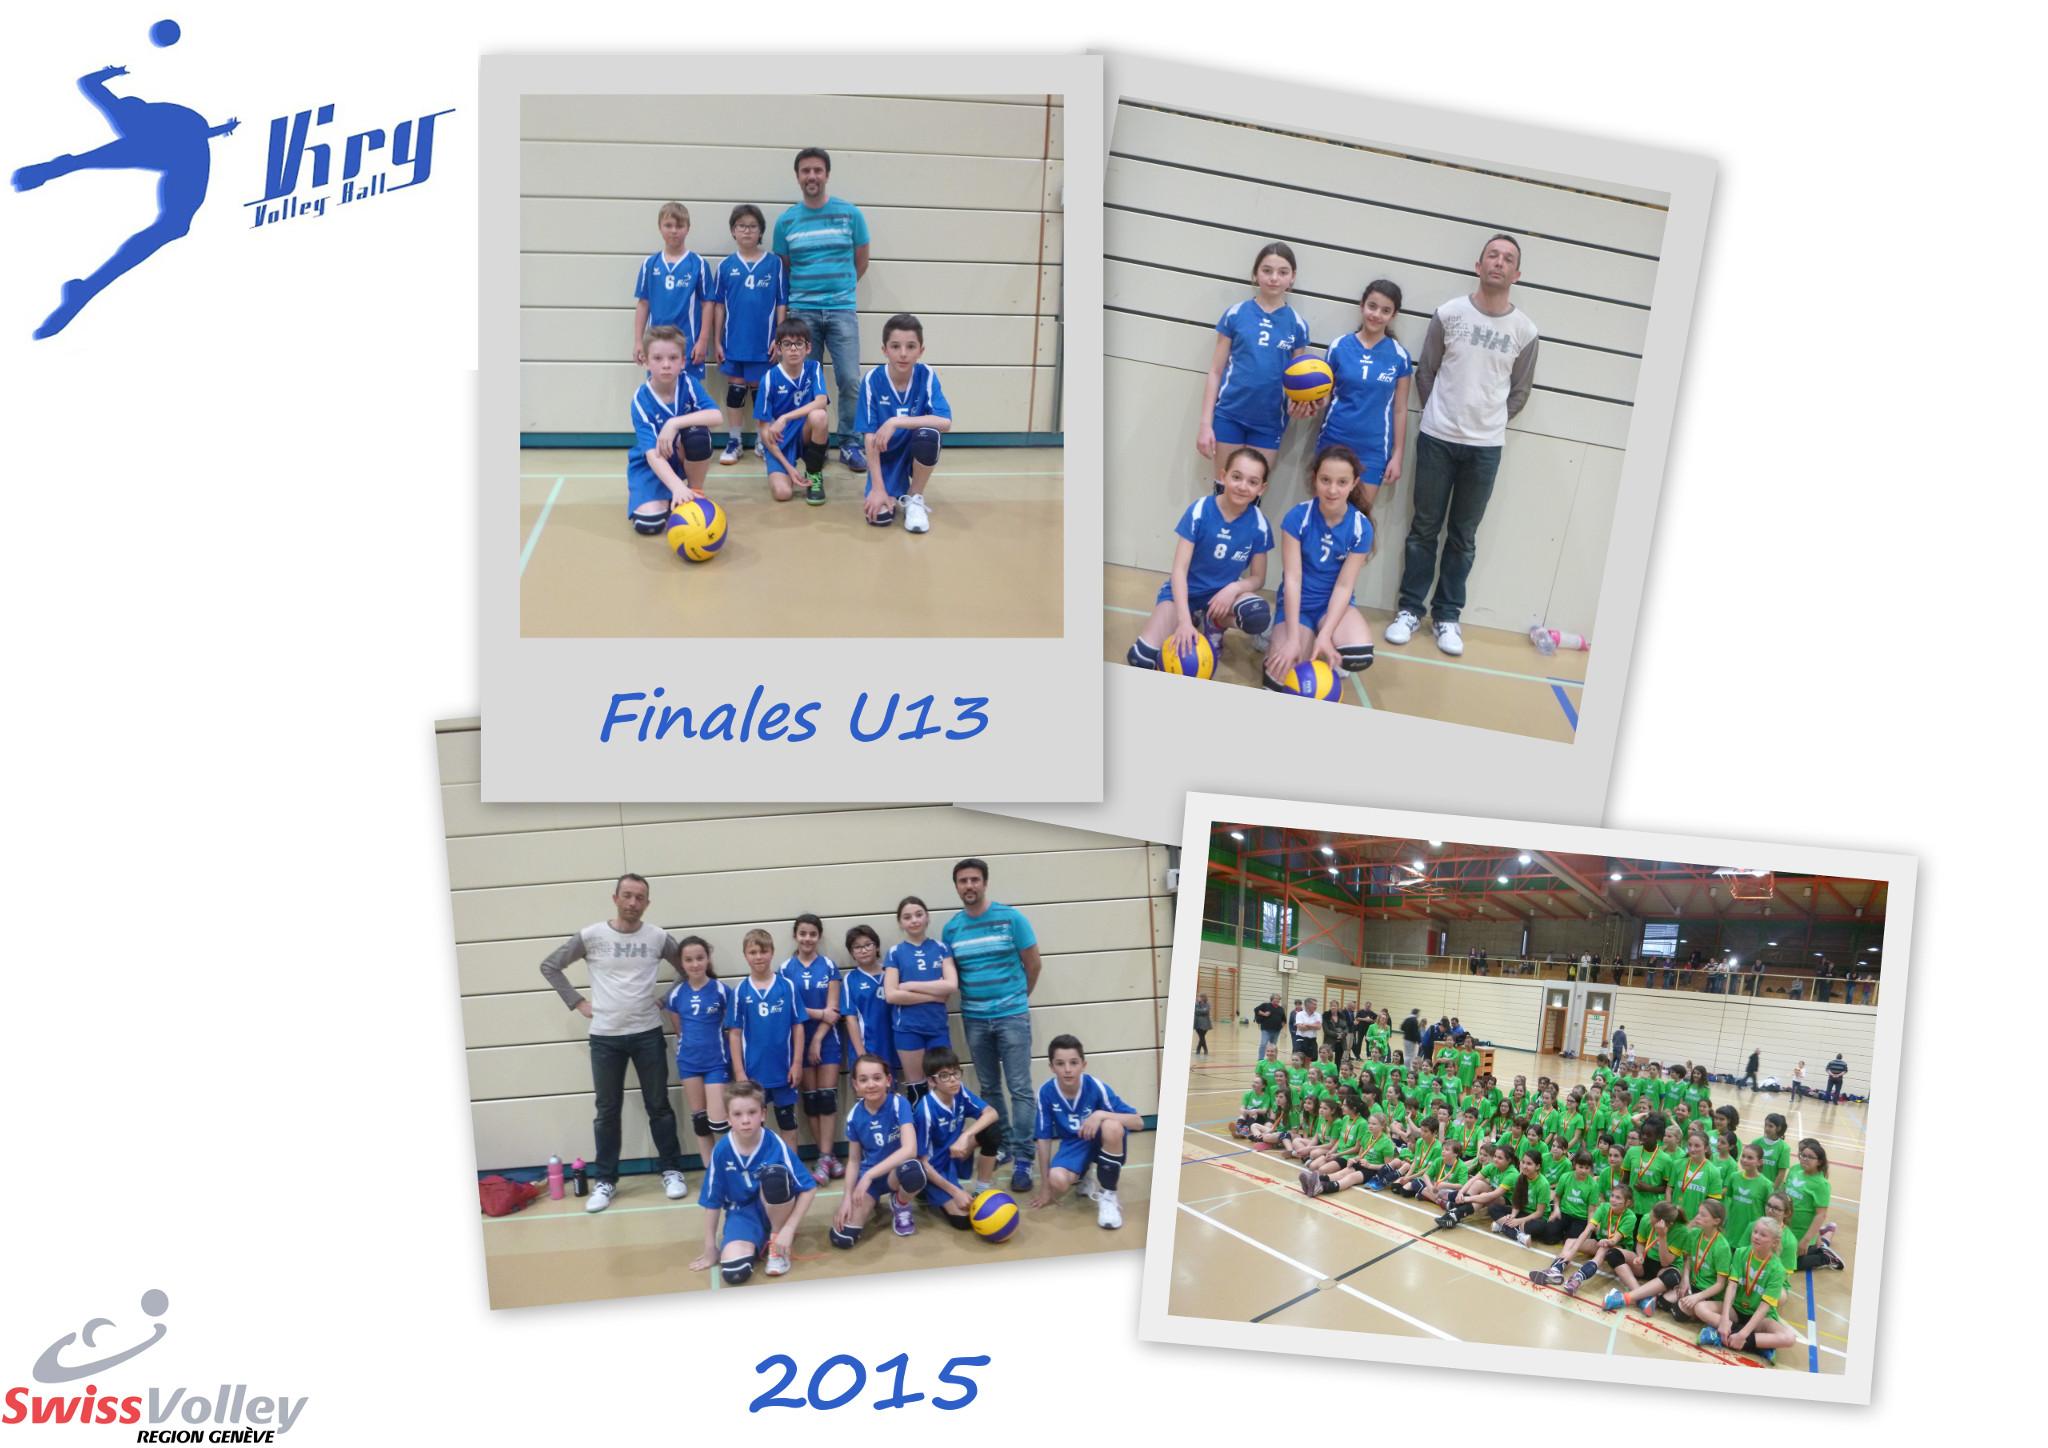 Finales U13 2015